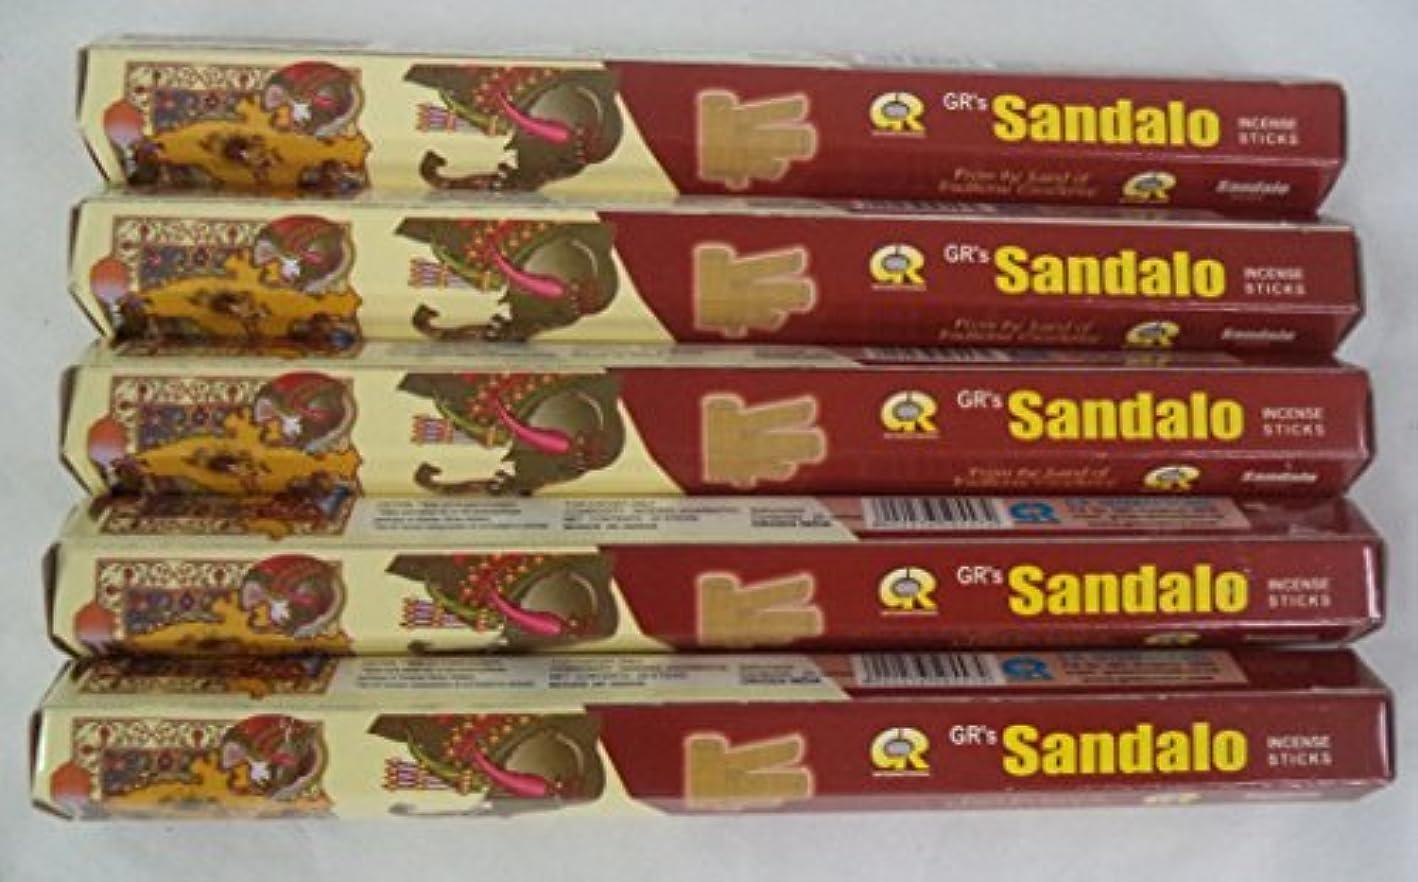 インデックス時間とともに手当Sandalo 100 Incense Sticks ( 5 x 20スティックパック) : Grブランド